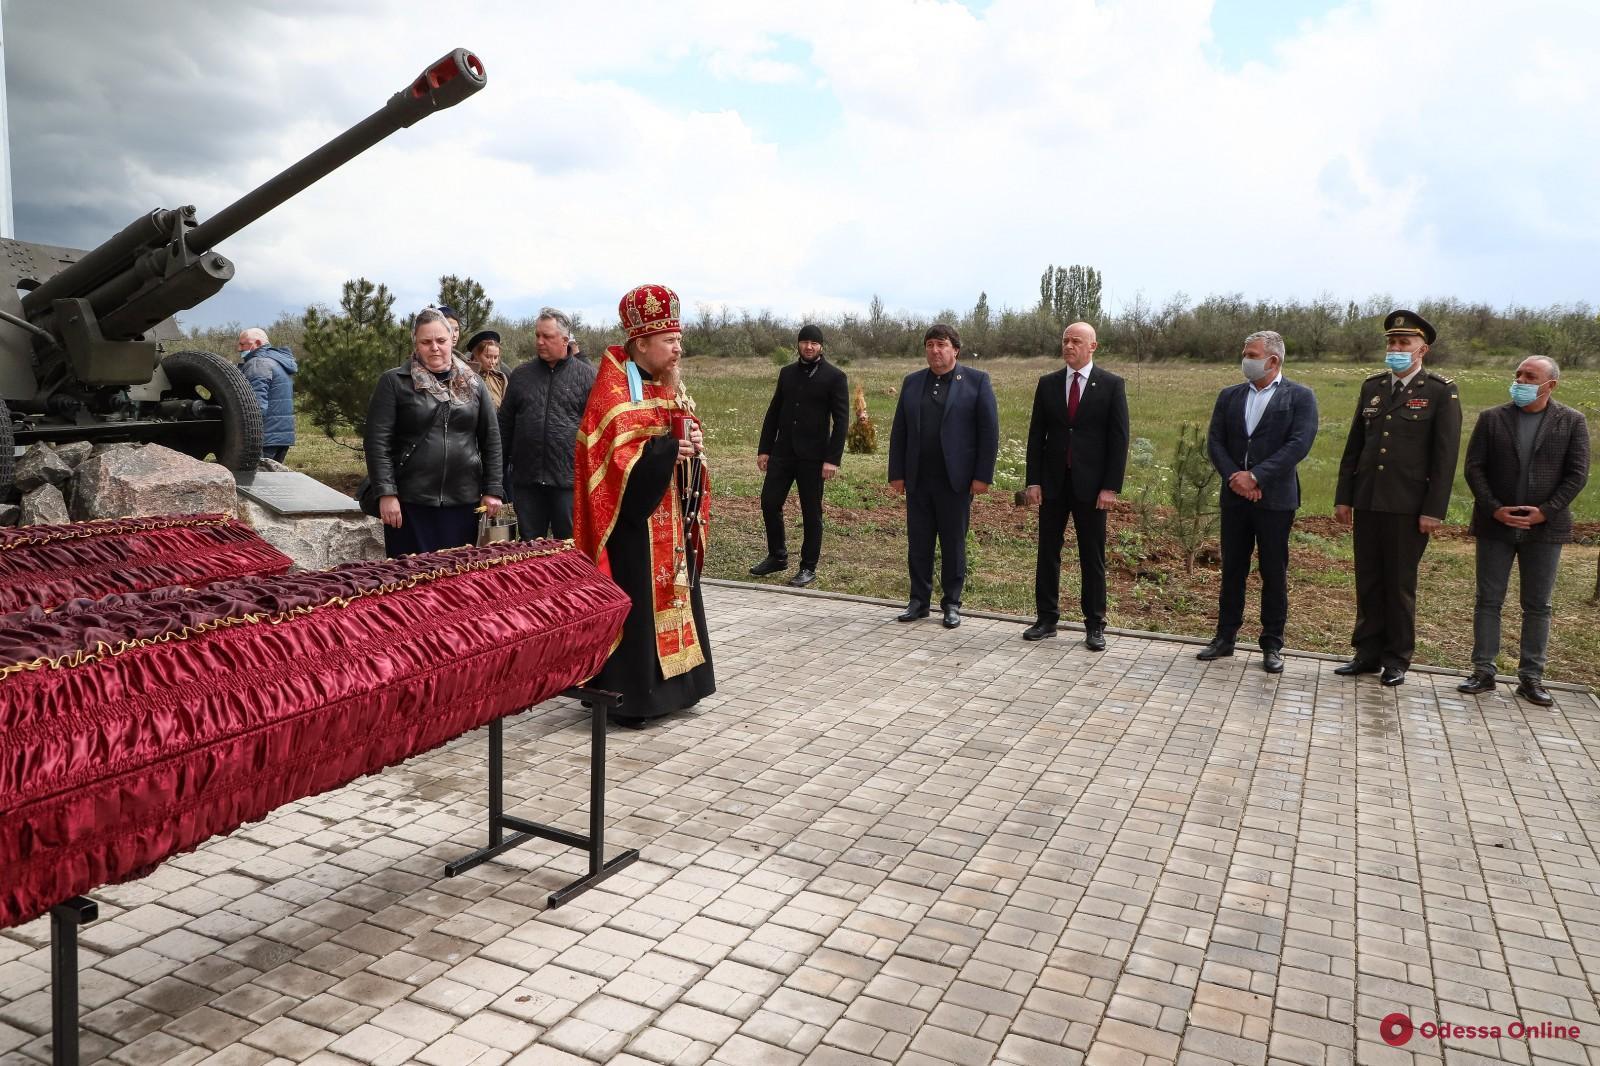 Мэр Одессы принял участие в церемонии перезахоронения воинов Второй мировой войны (фото)